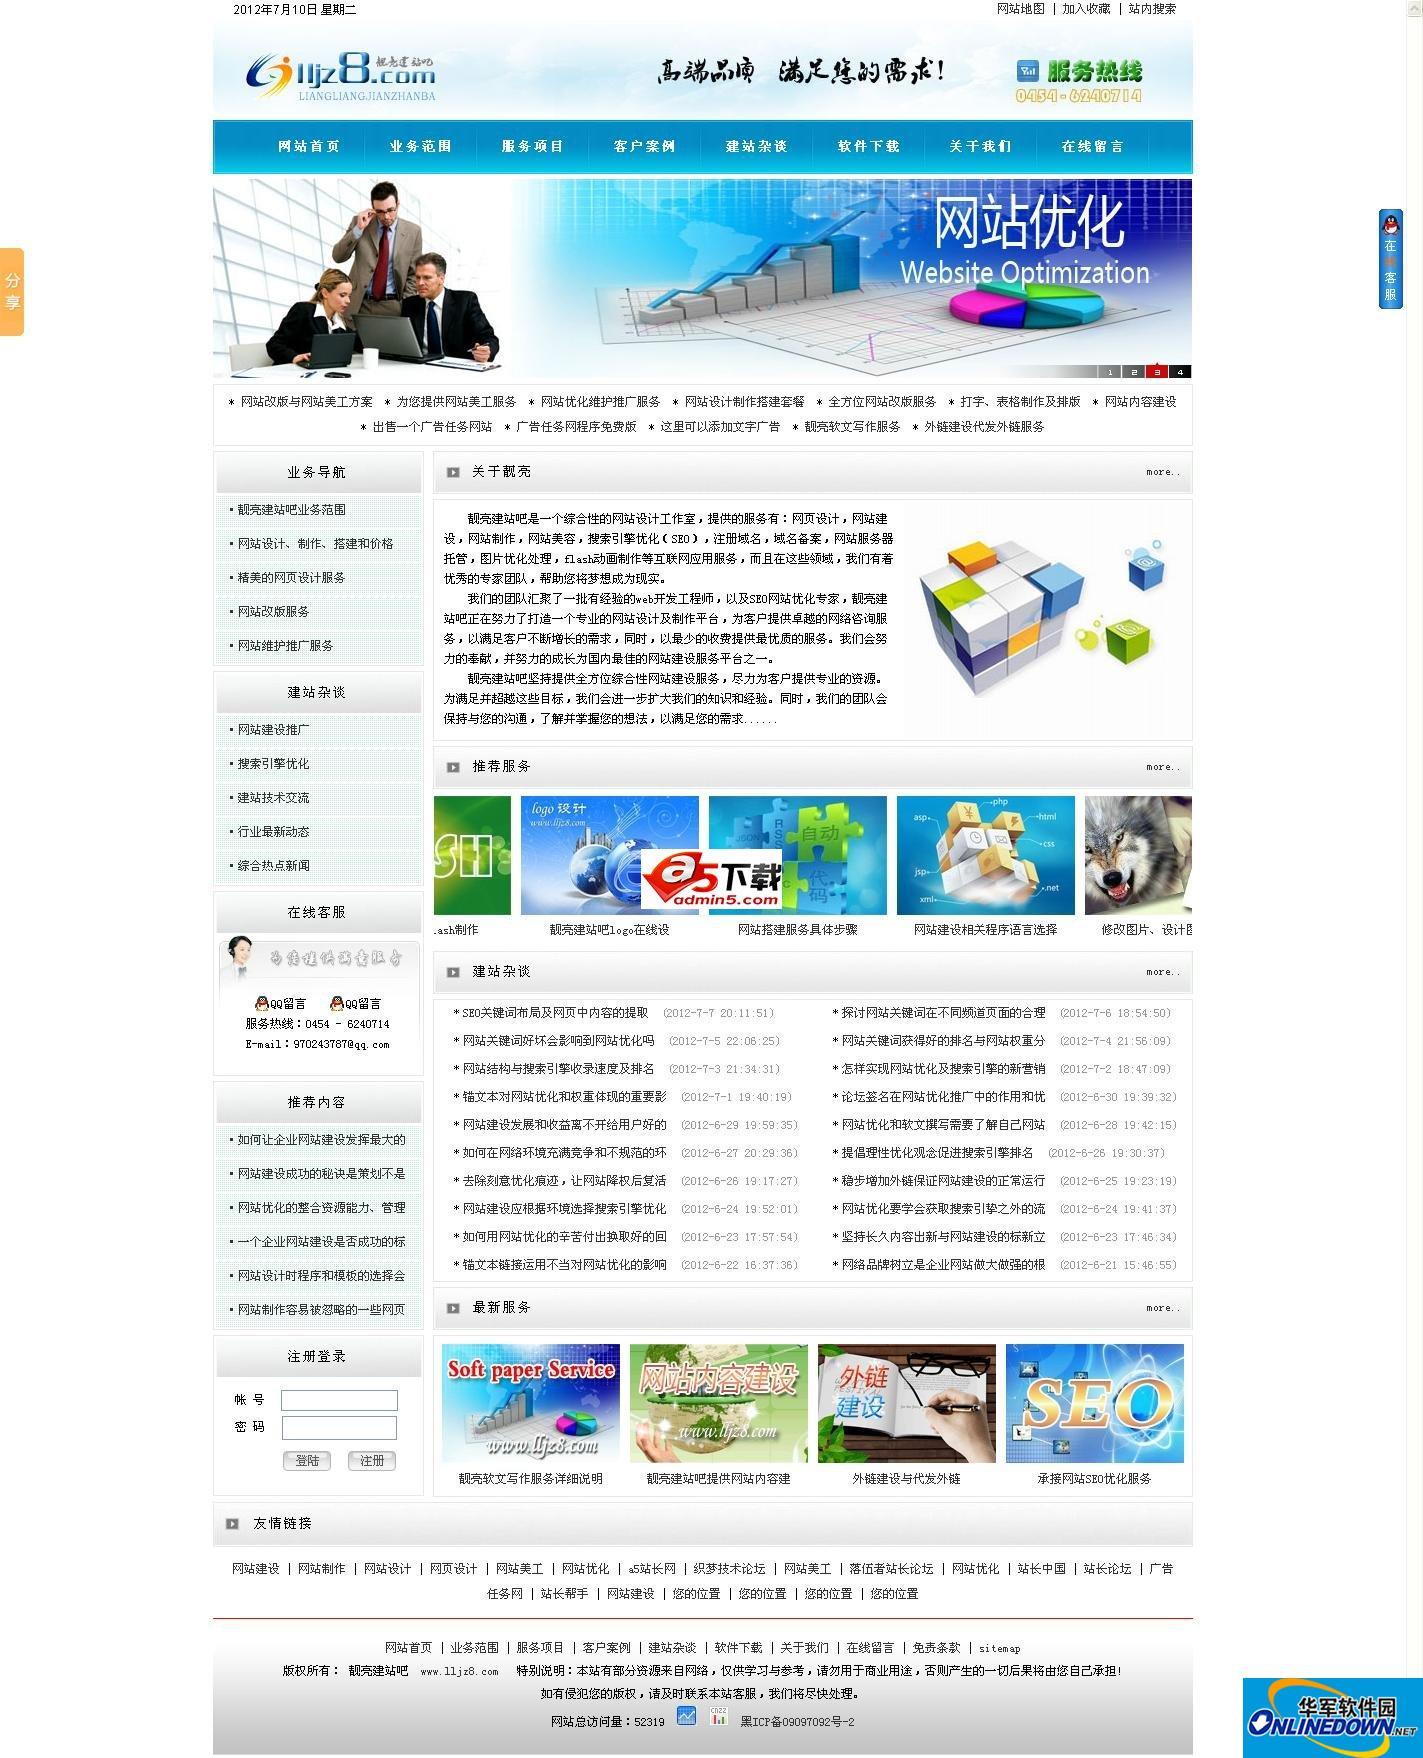 靓亮建站吧网站管理系统 2